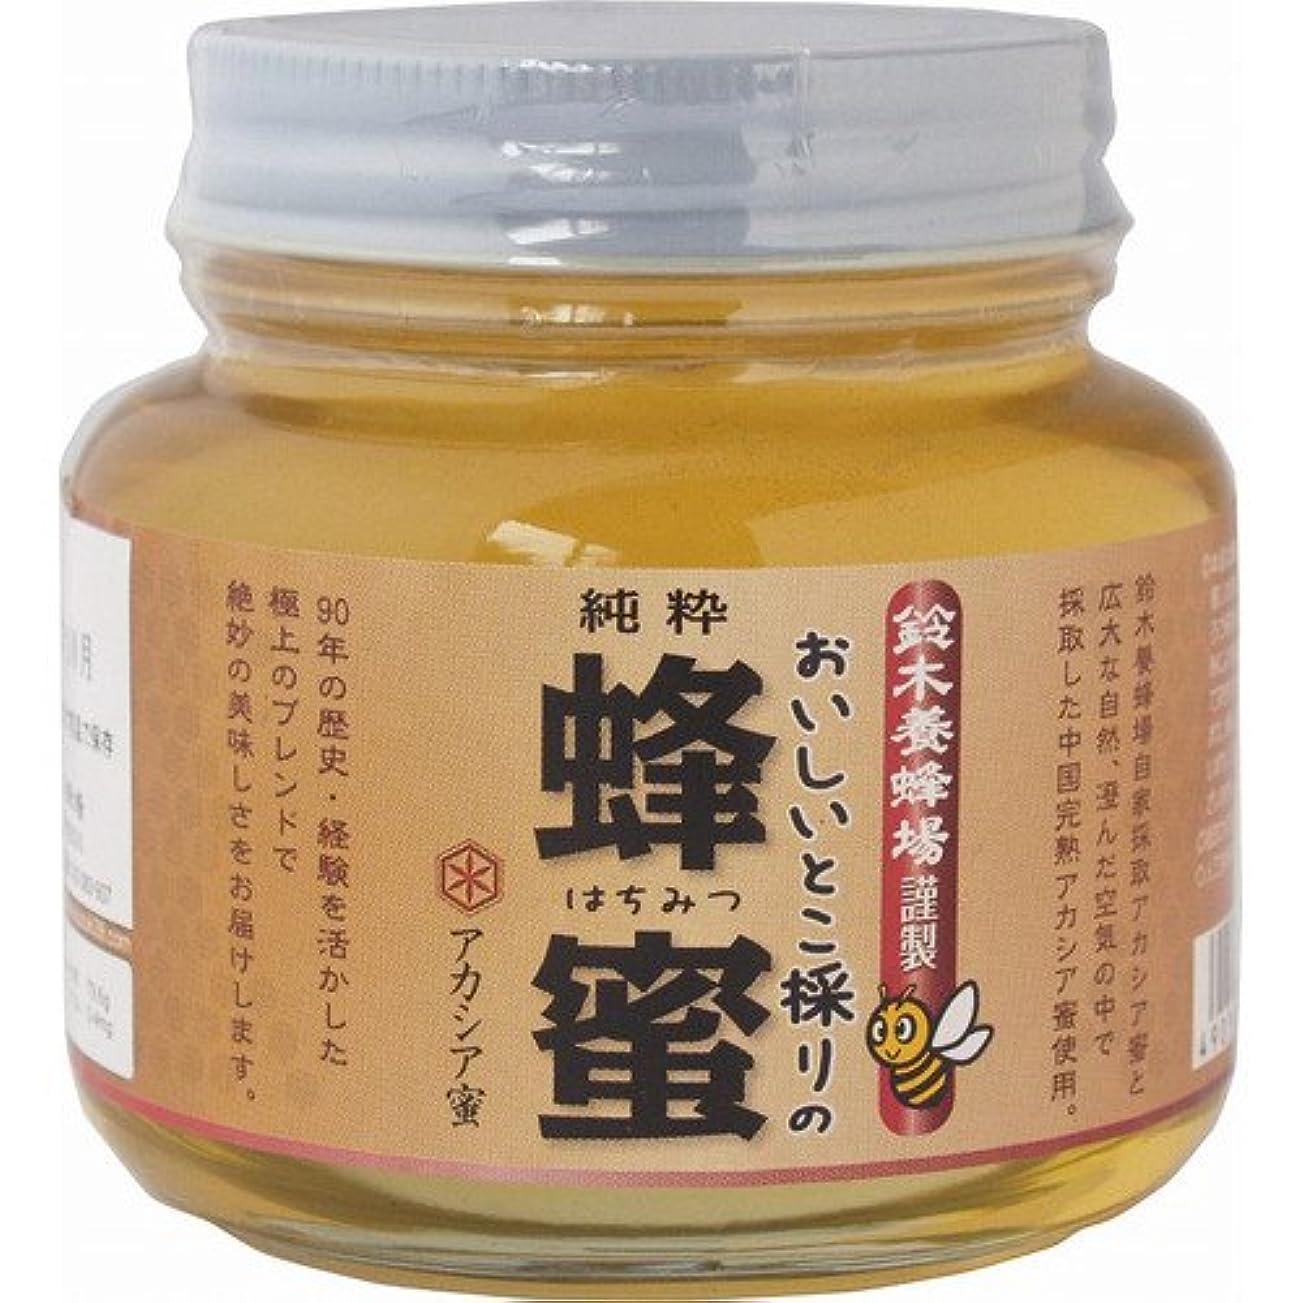 行方不明音クアッガ鈴木養蜂場 おいしいとこ採り蜂蜜アカシア 450g